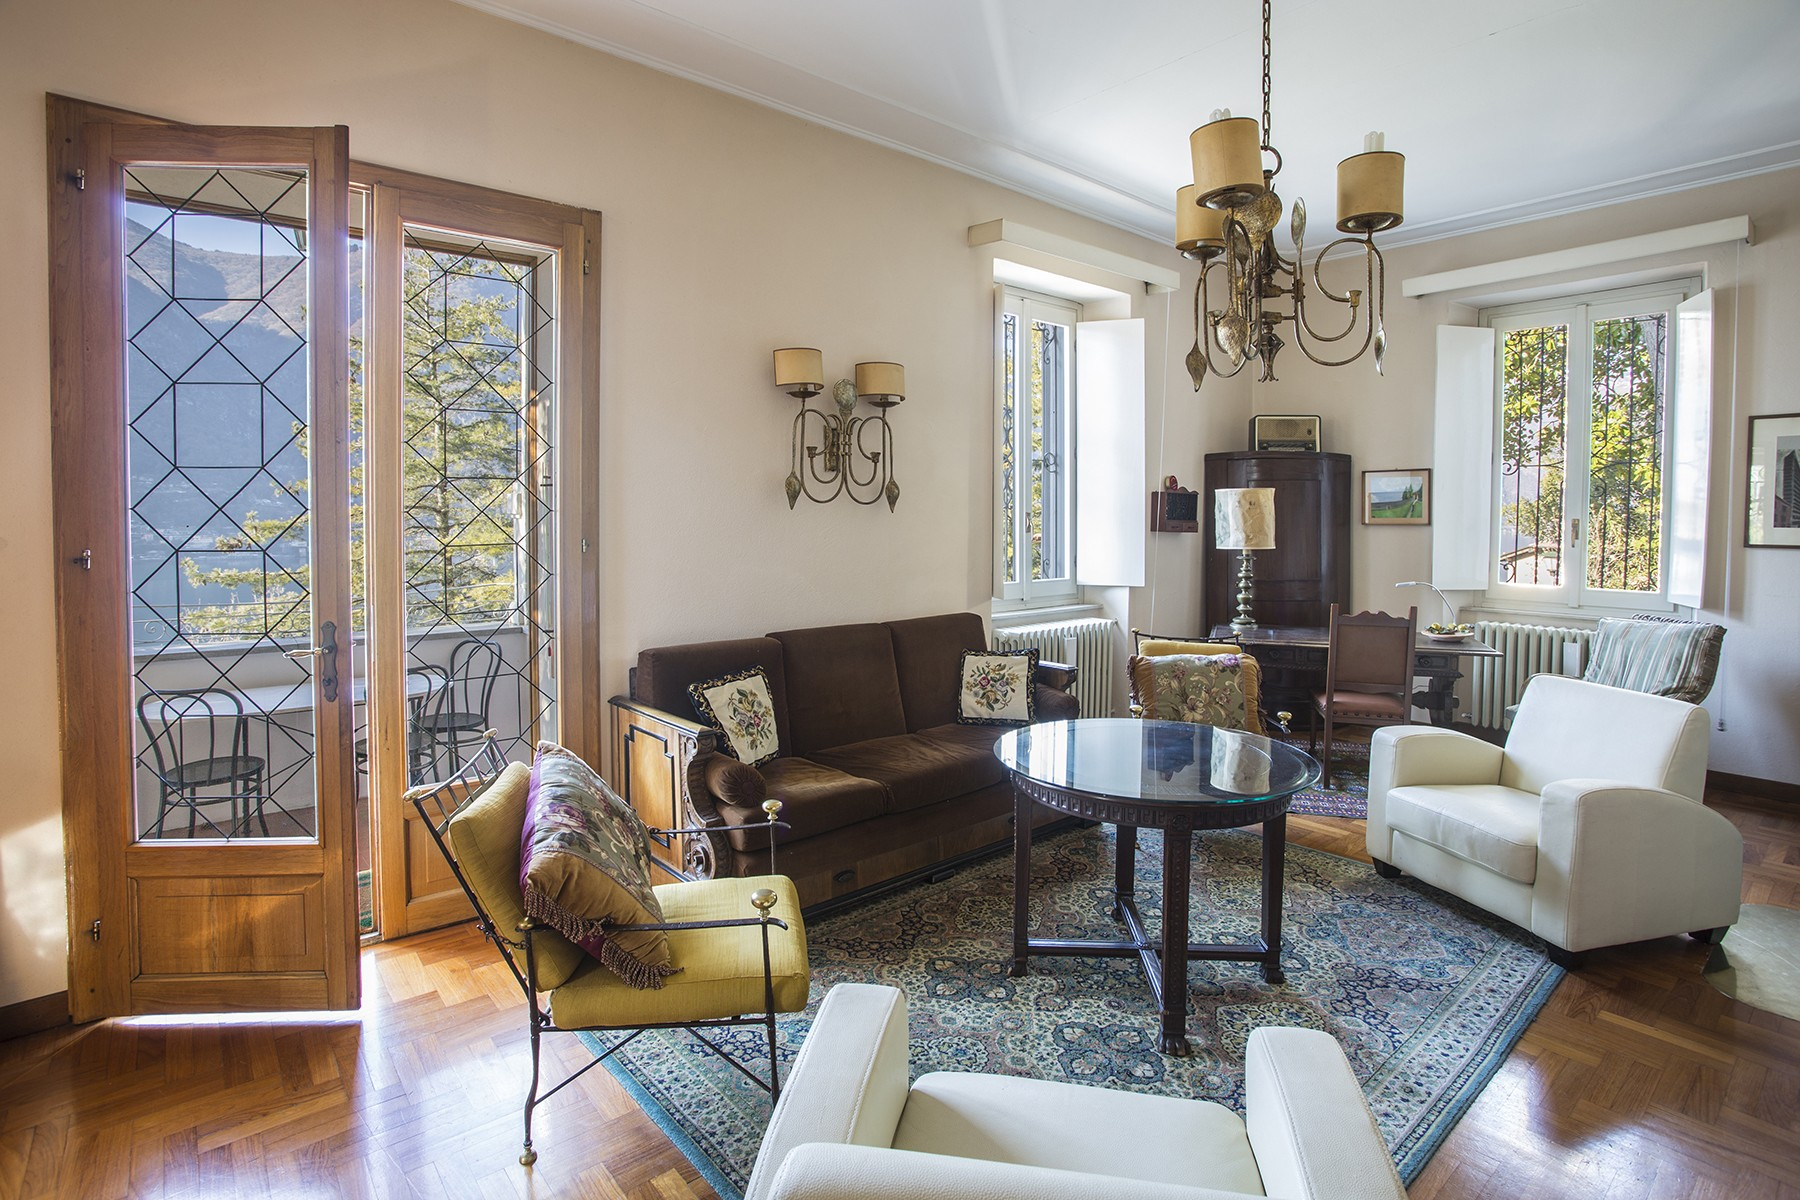 Villa in Vendita a Nesso: 5 locali, 250 mq - Foto 11